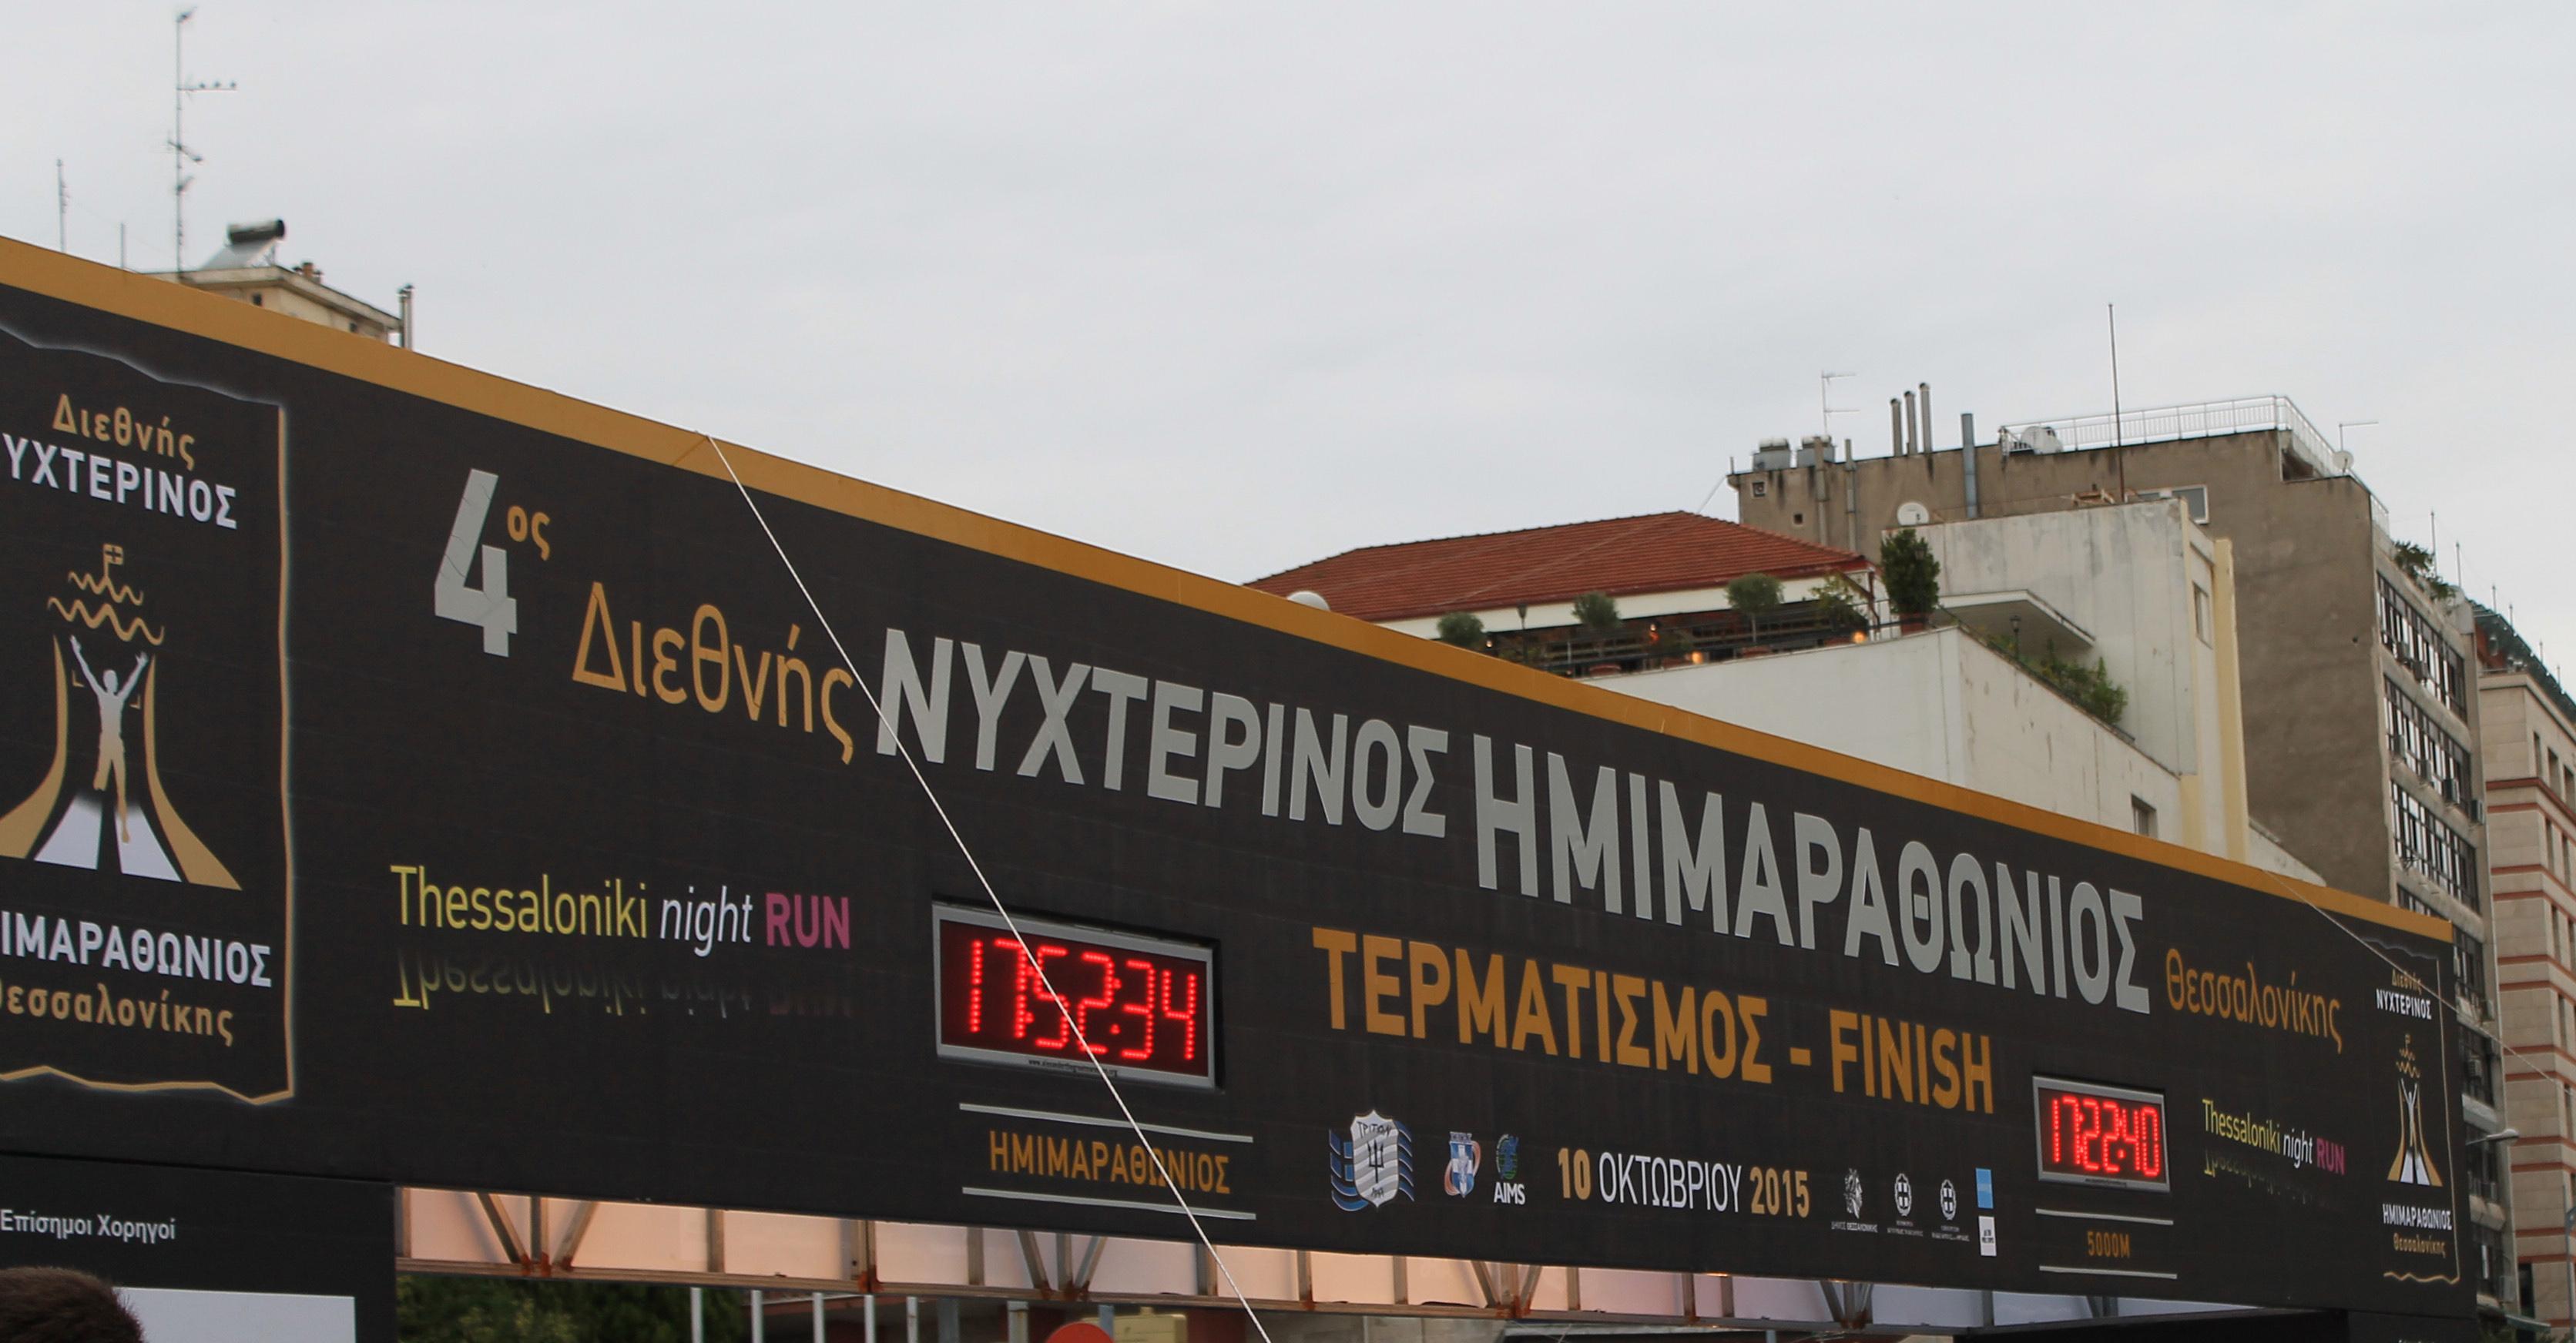 Νυχτερινός Ημιμαραθώνιος 2015